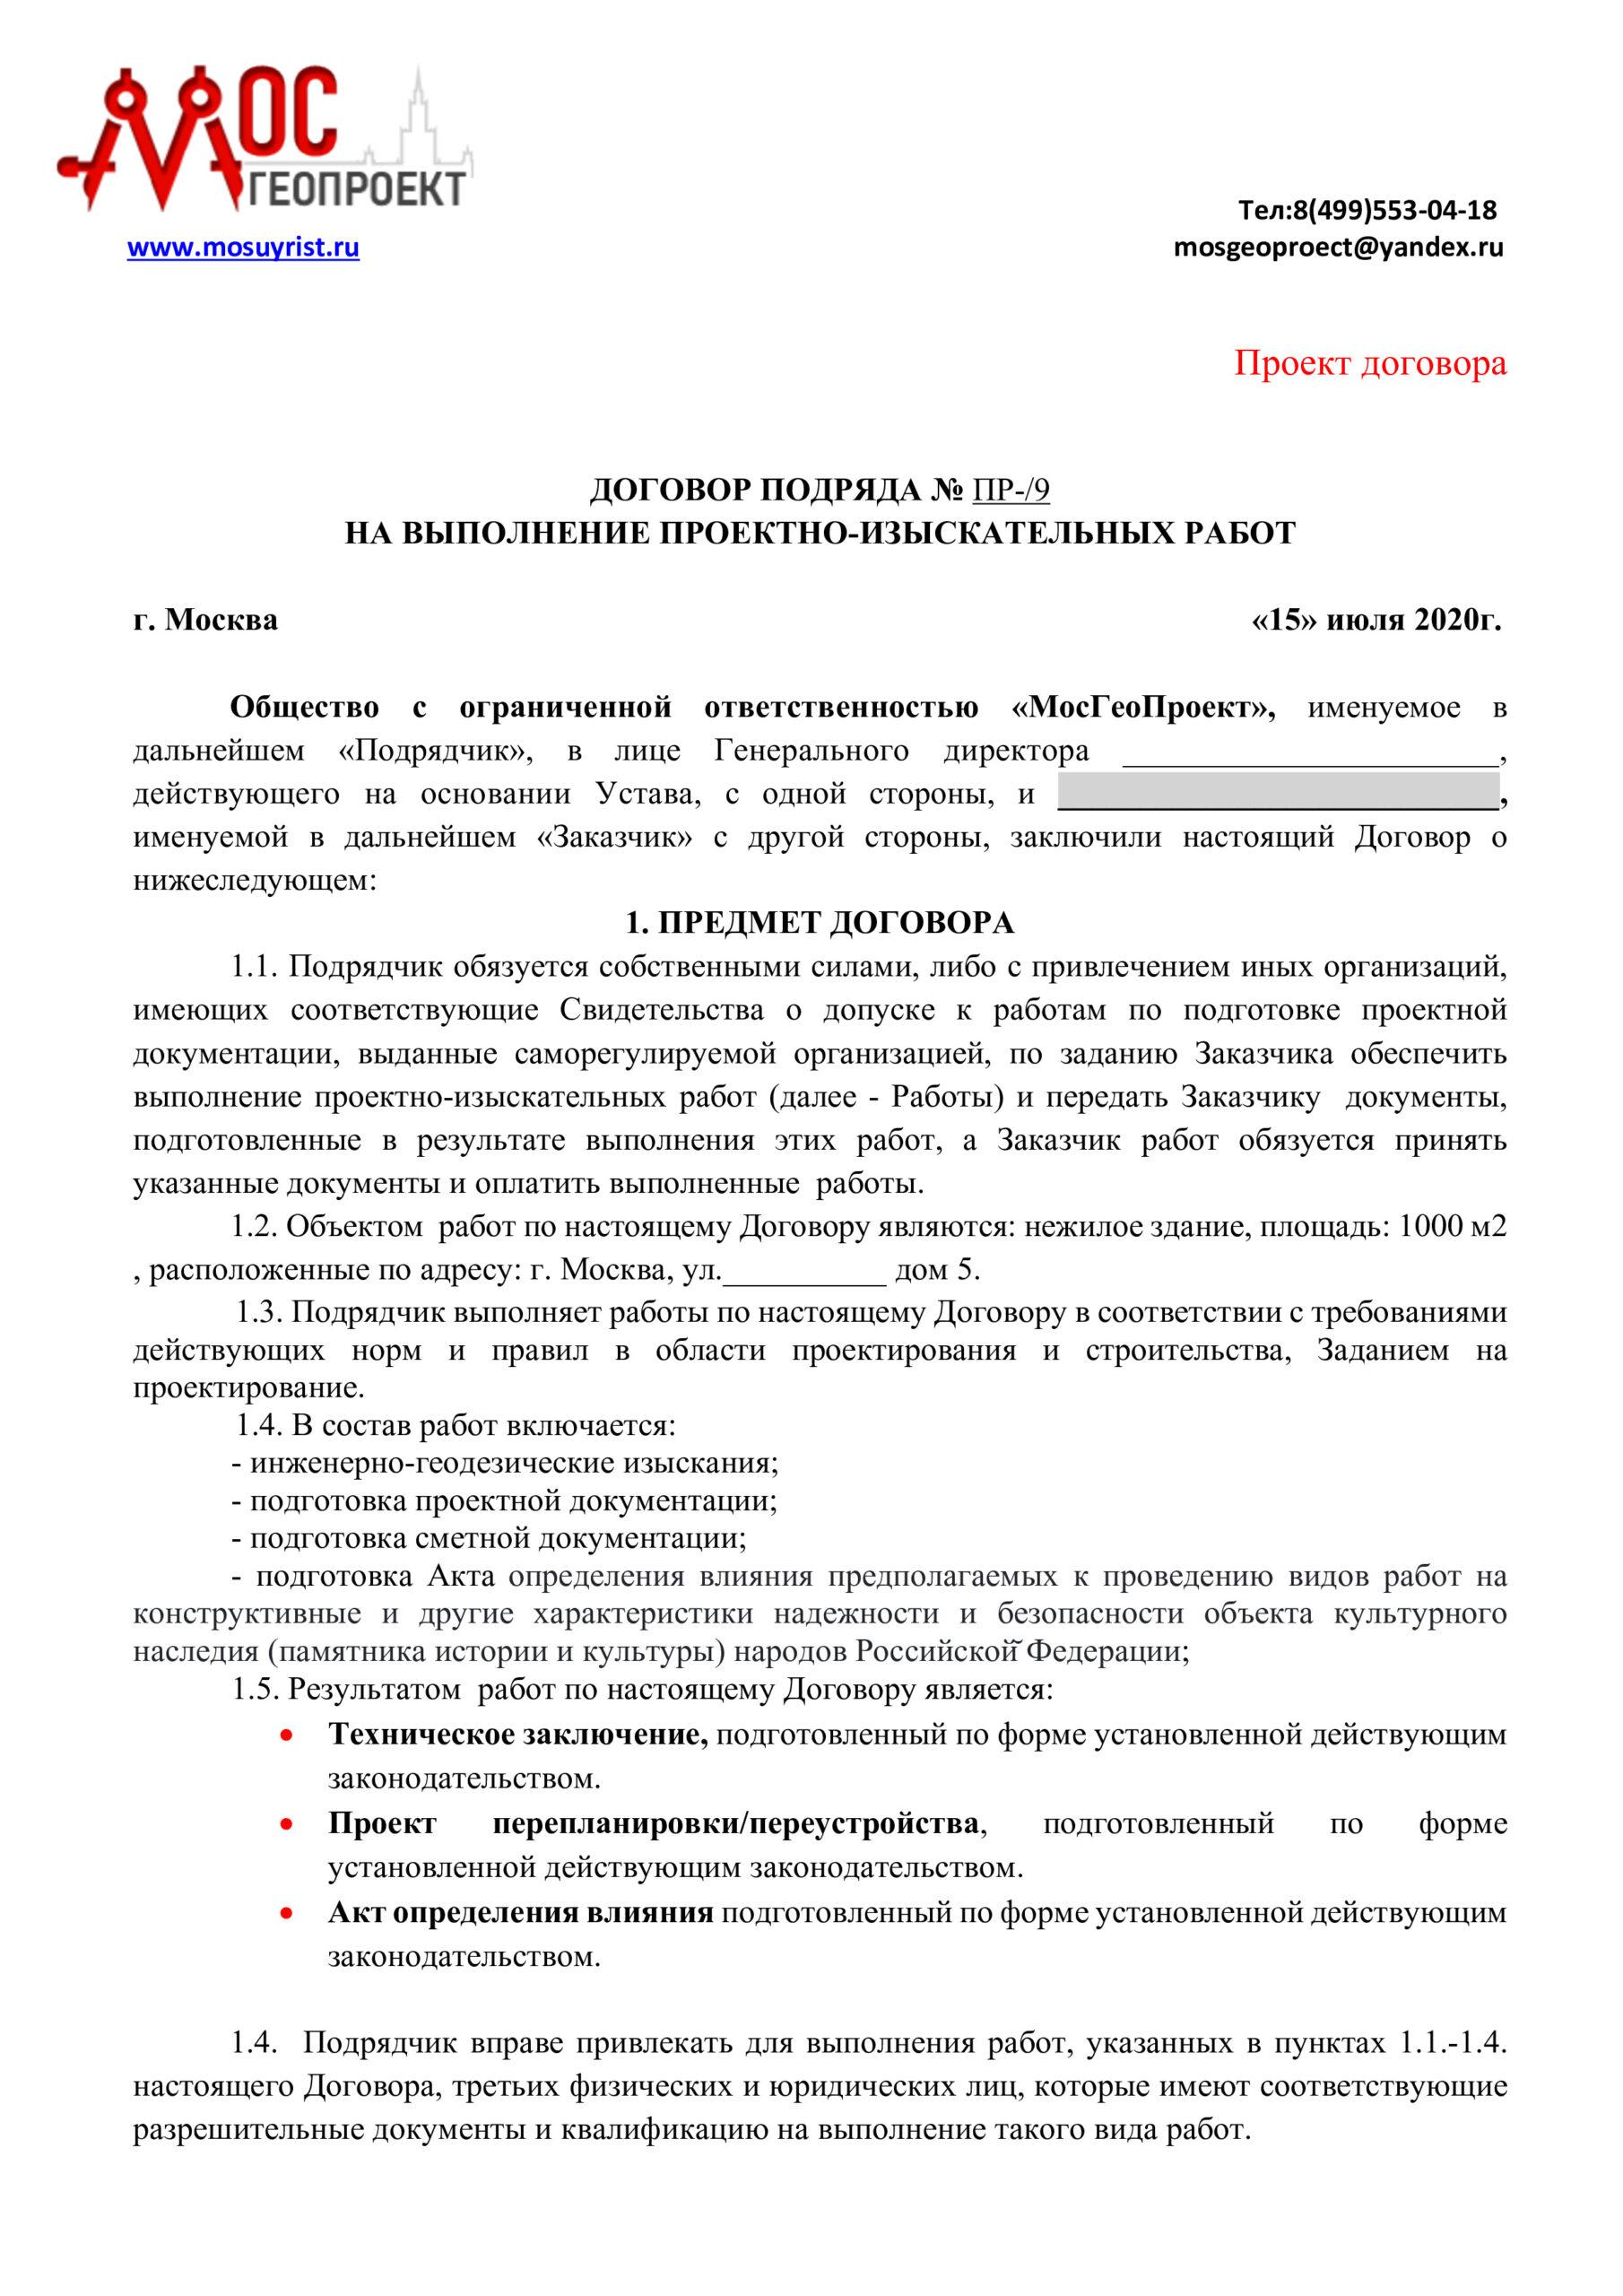 DOGOVOR-PODRYADA-Proekt-0